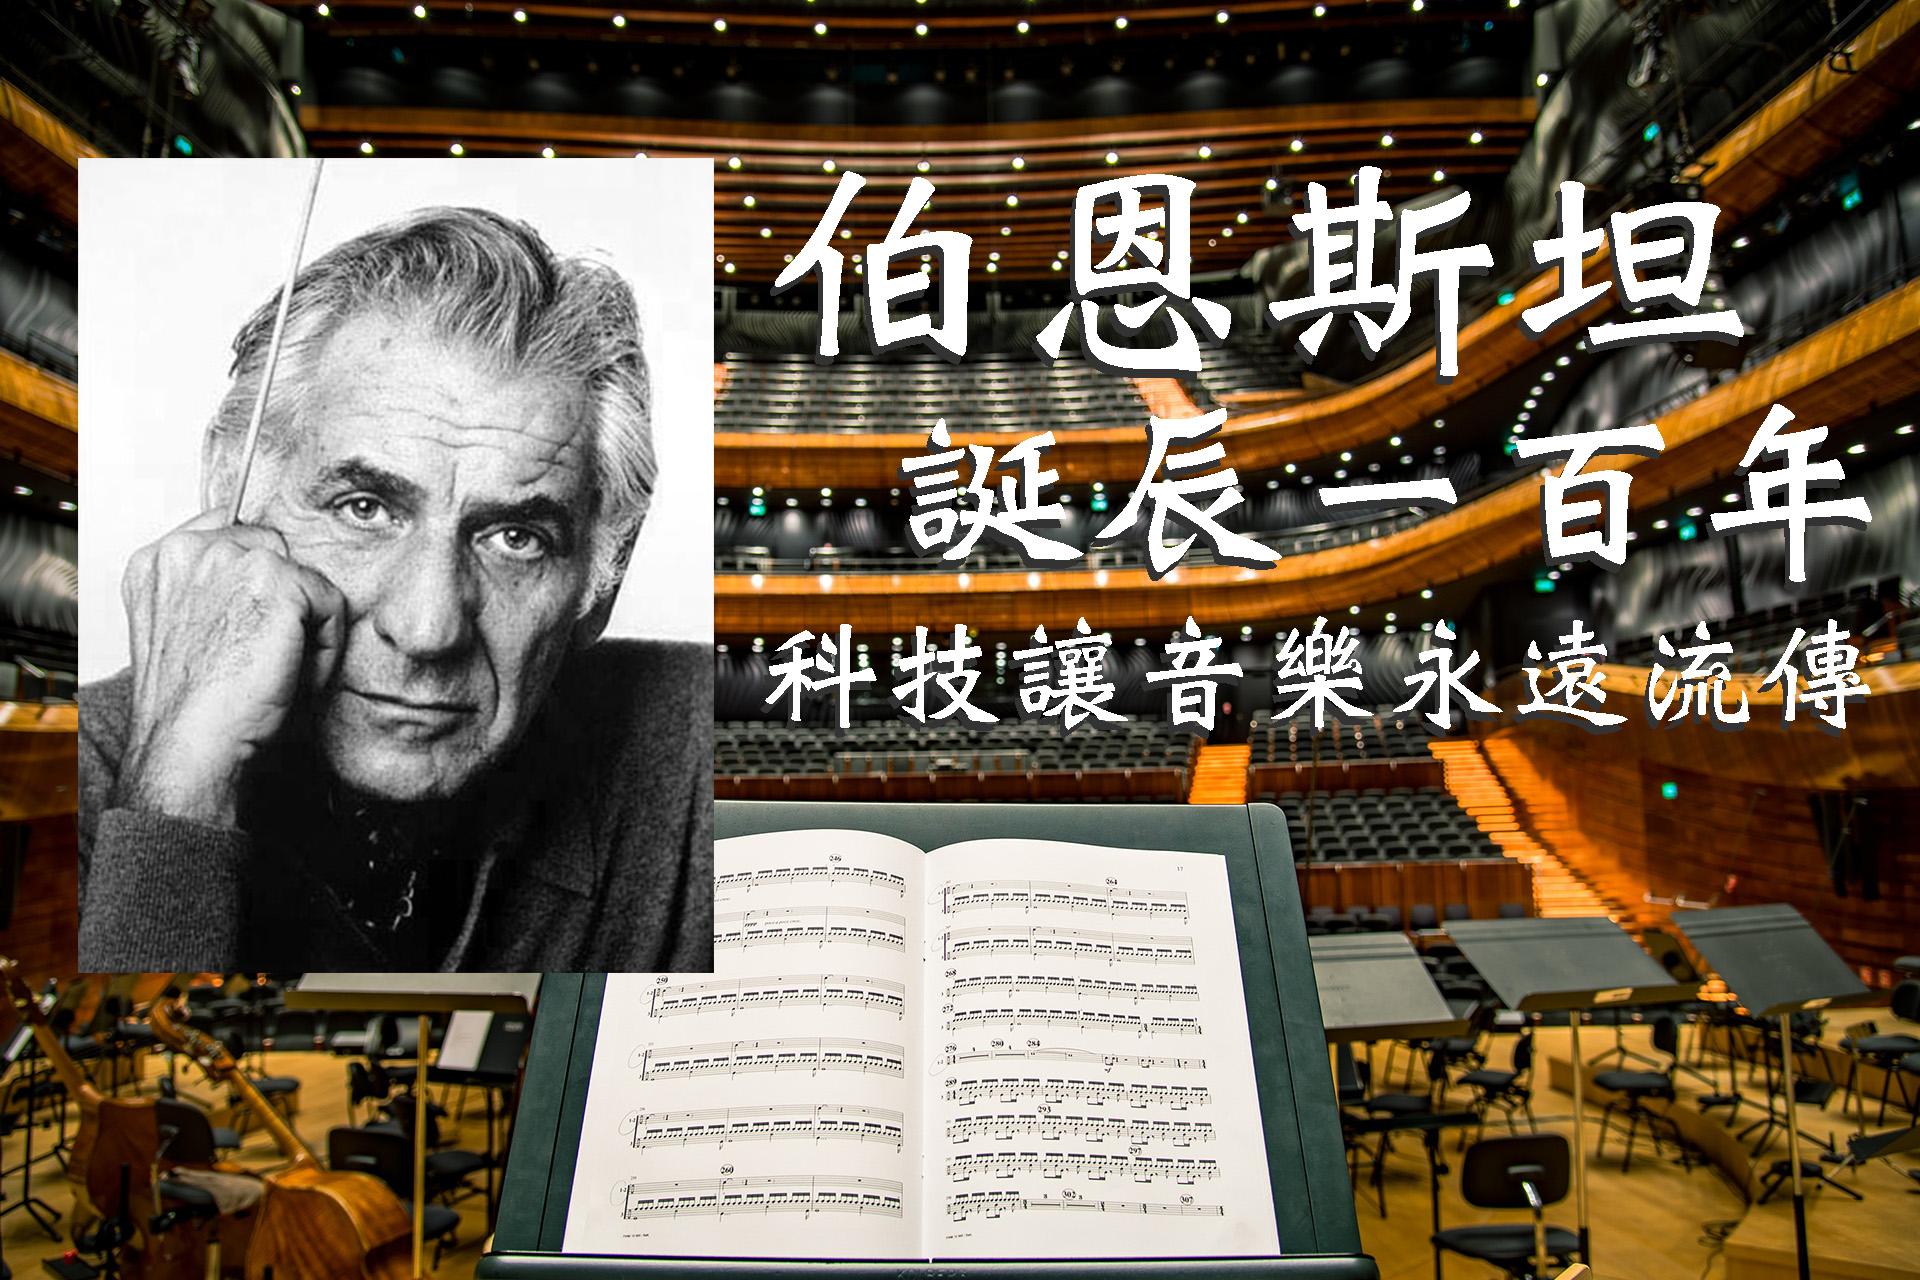 伯恩斯坦誕辰一百年:科技讓音樂永遠流傳